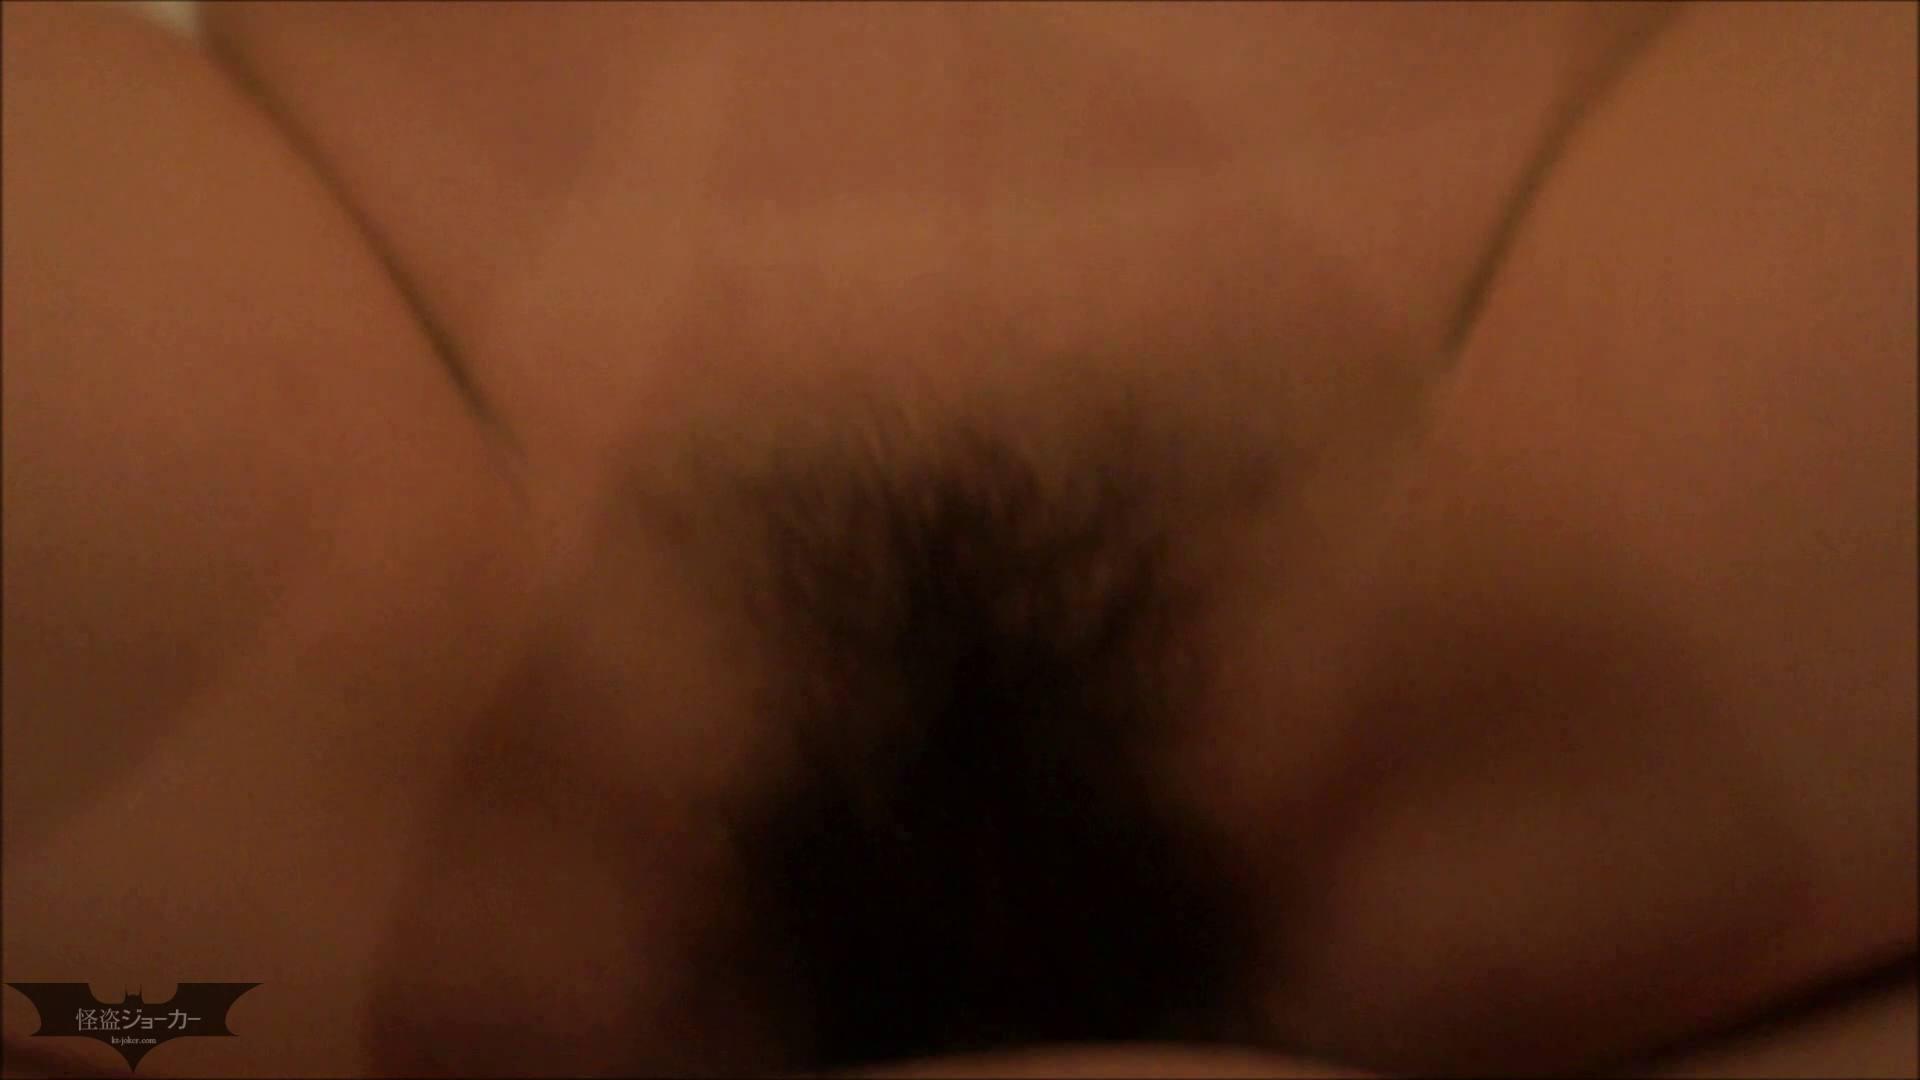 【未公開】vol.64※閲覧注意※【妊婦のユリナ】さよなら、これが最後の交わり。 セックス   高画質  95画像 22